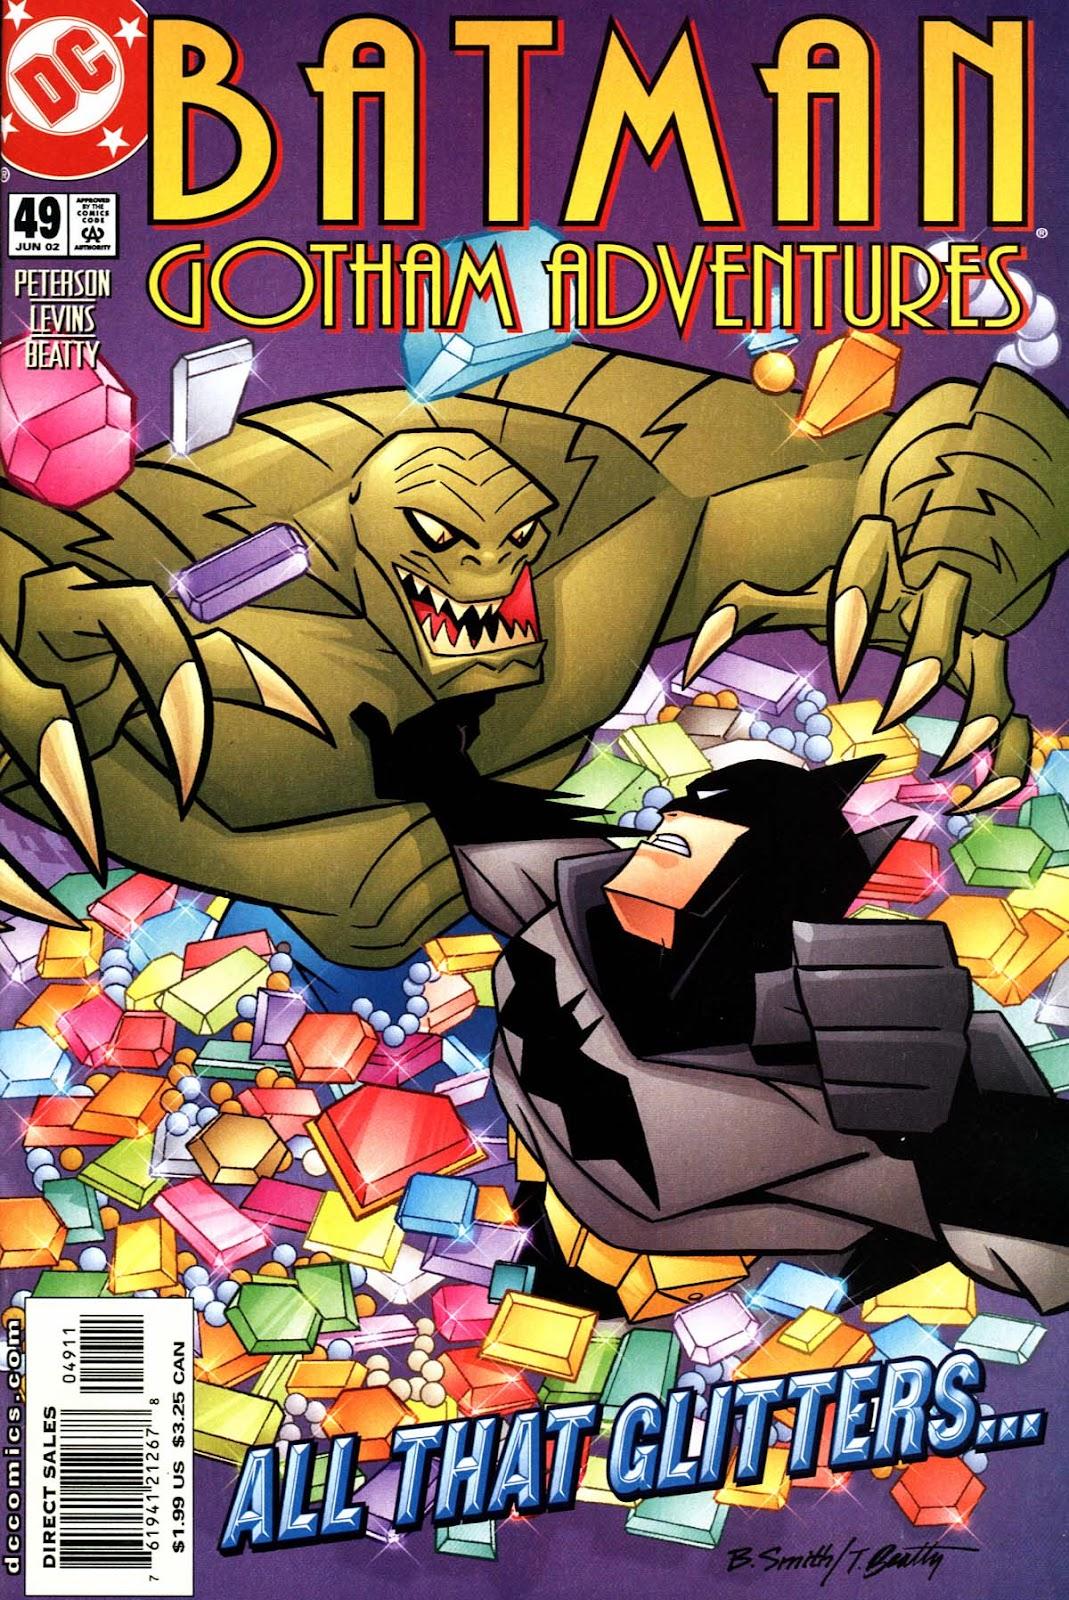 Batman: Gotham Adventures issue 49 - Page 1